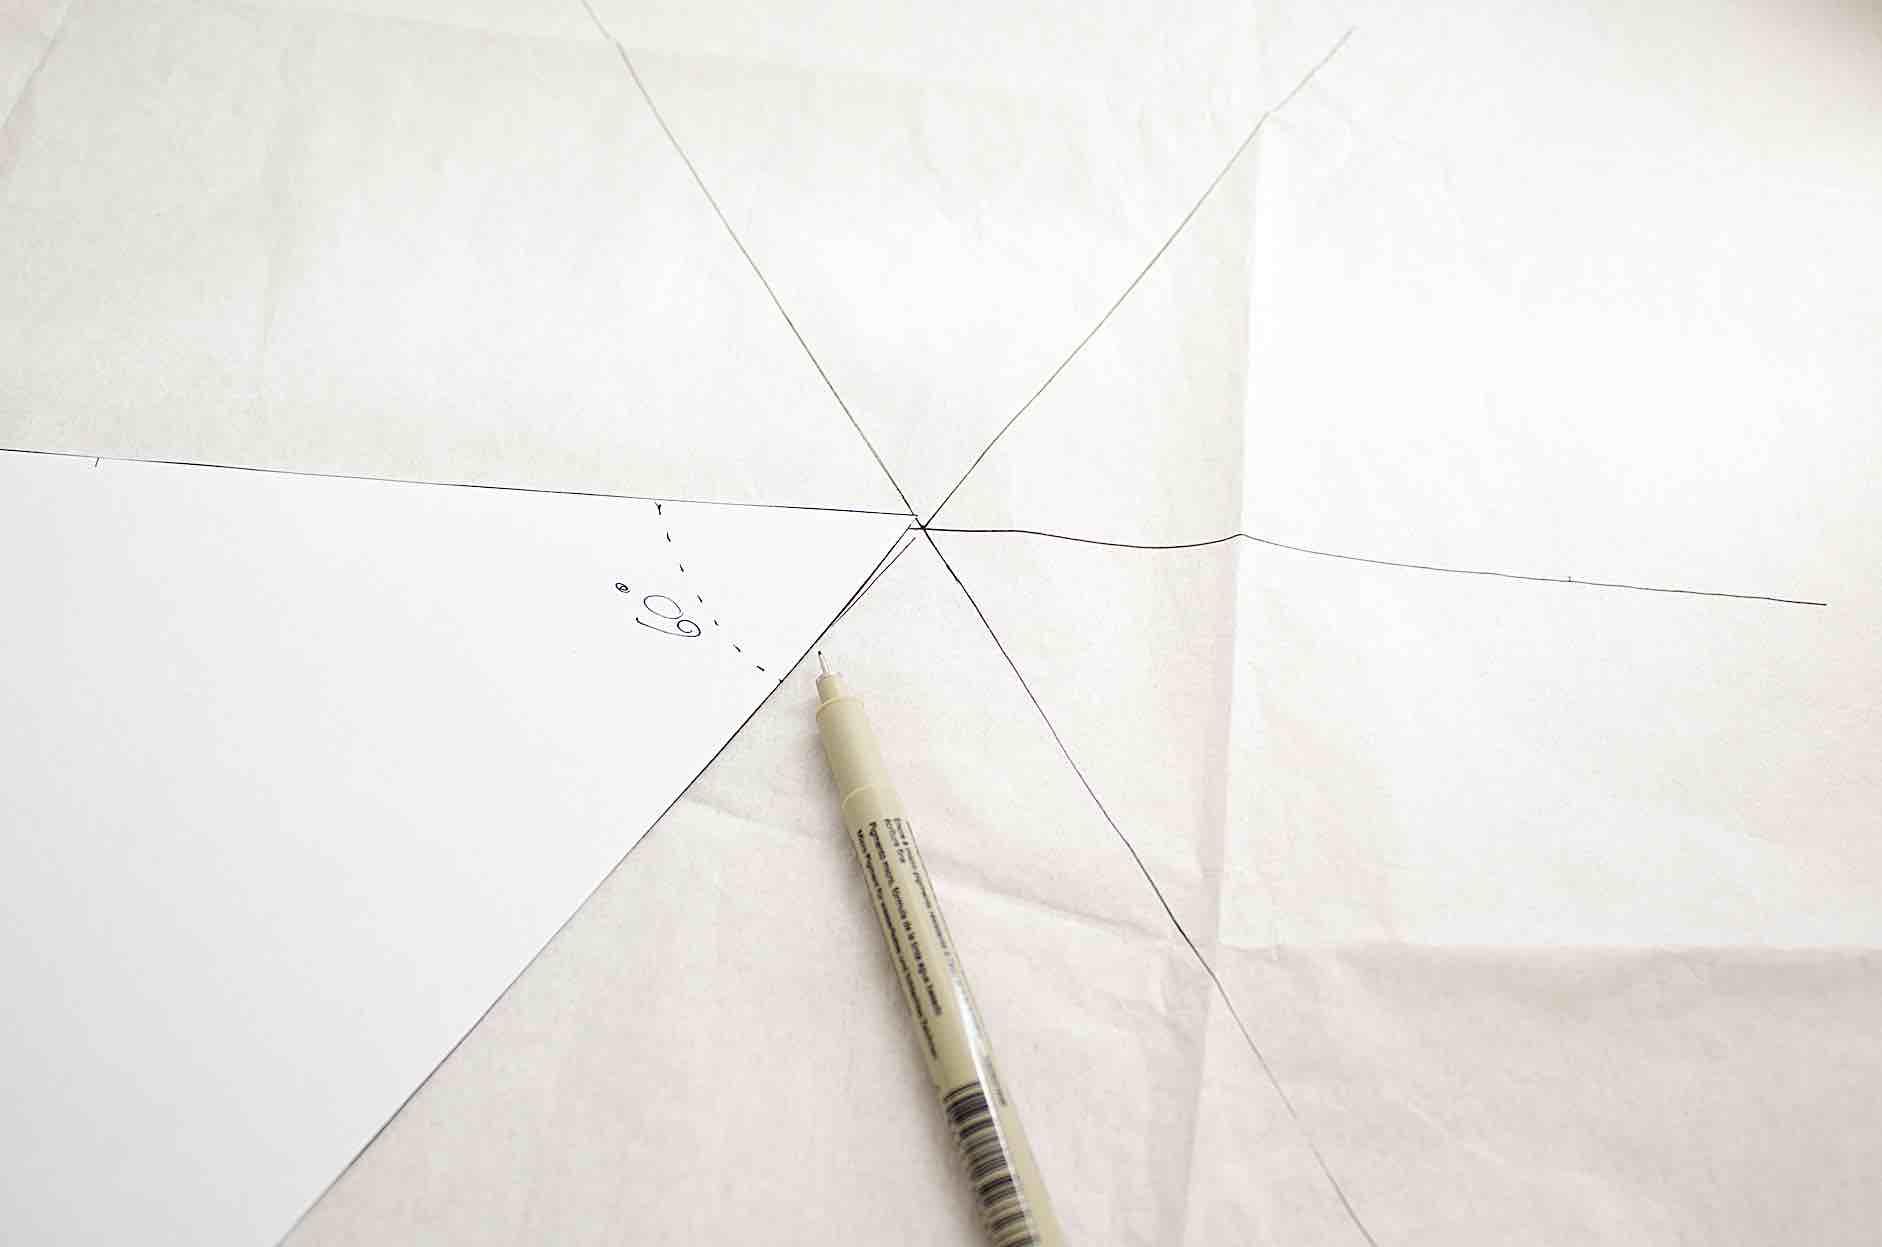 ricreare i 6 triangoli a formare l'esagono